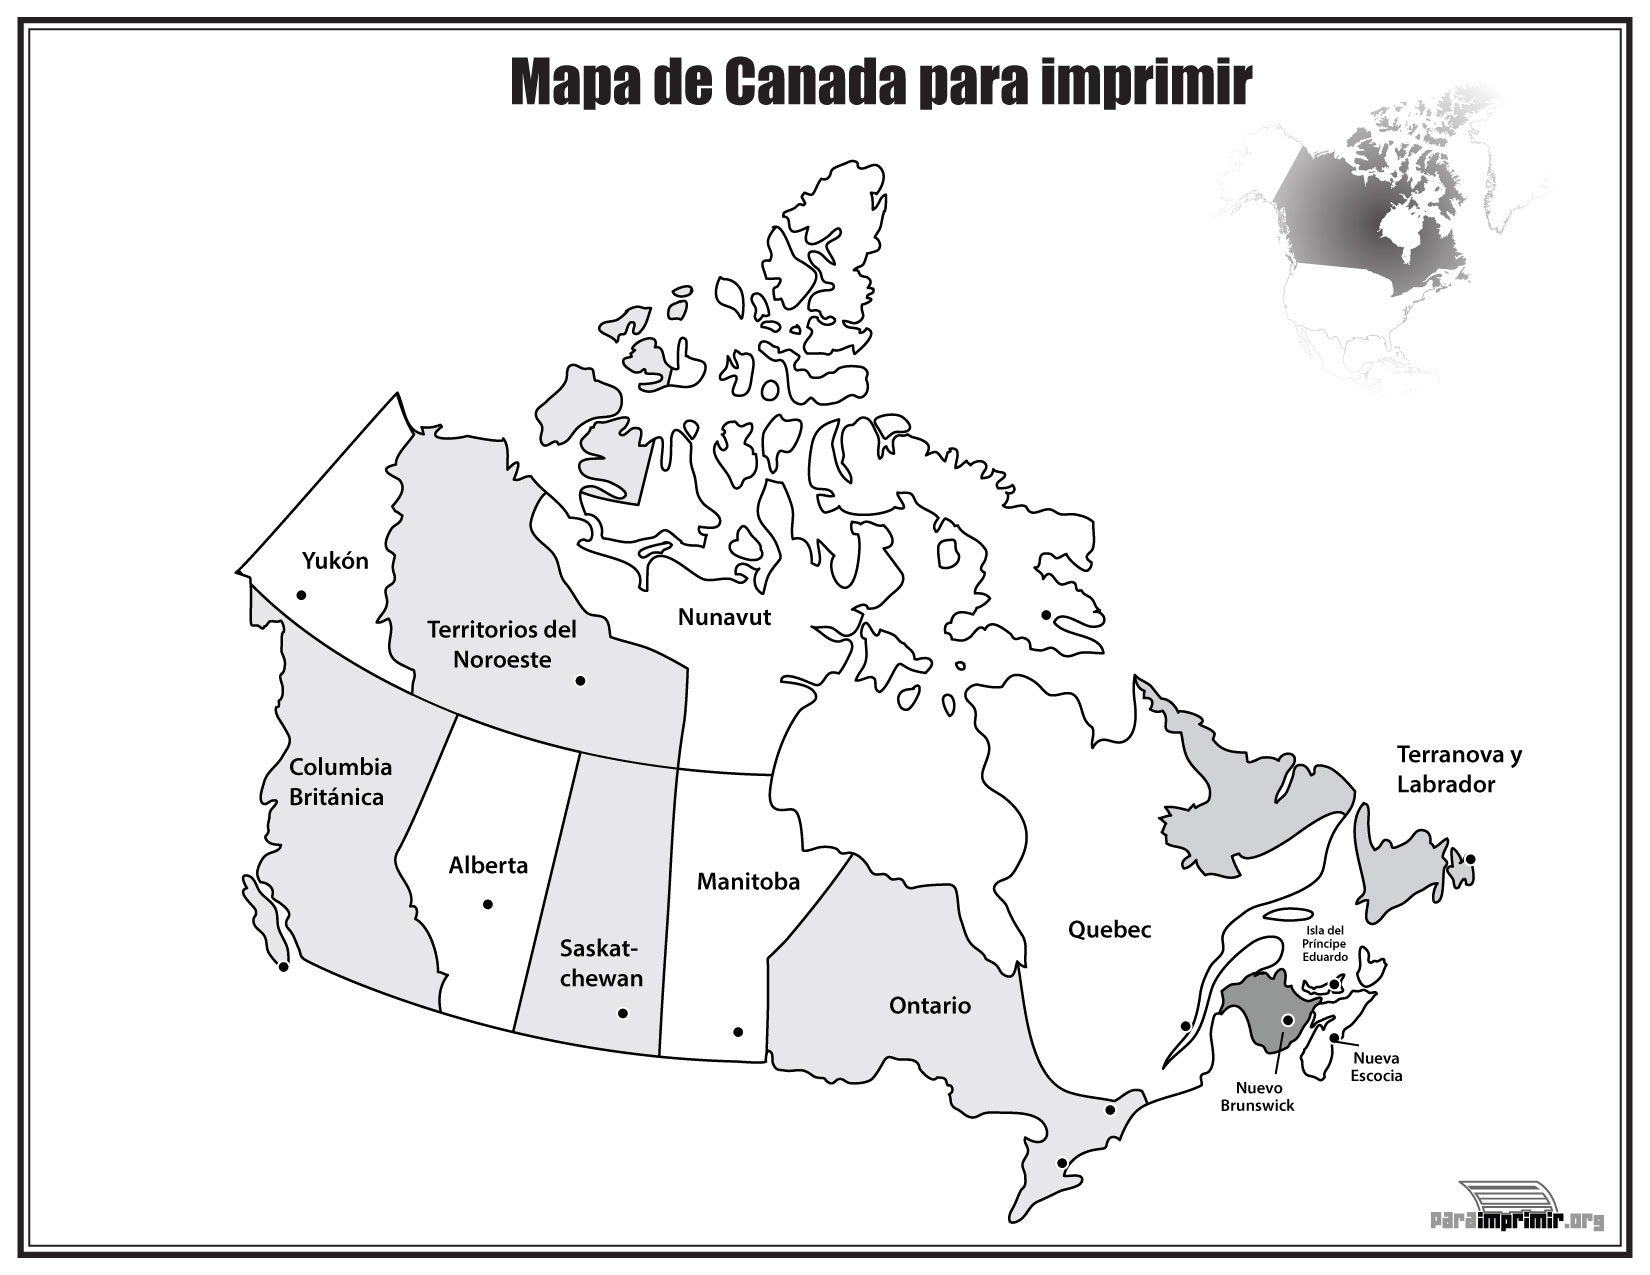 Mapa De Canad   Con Nombres Para Imprimir